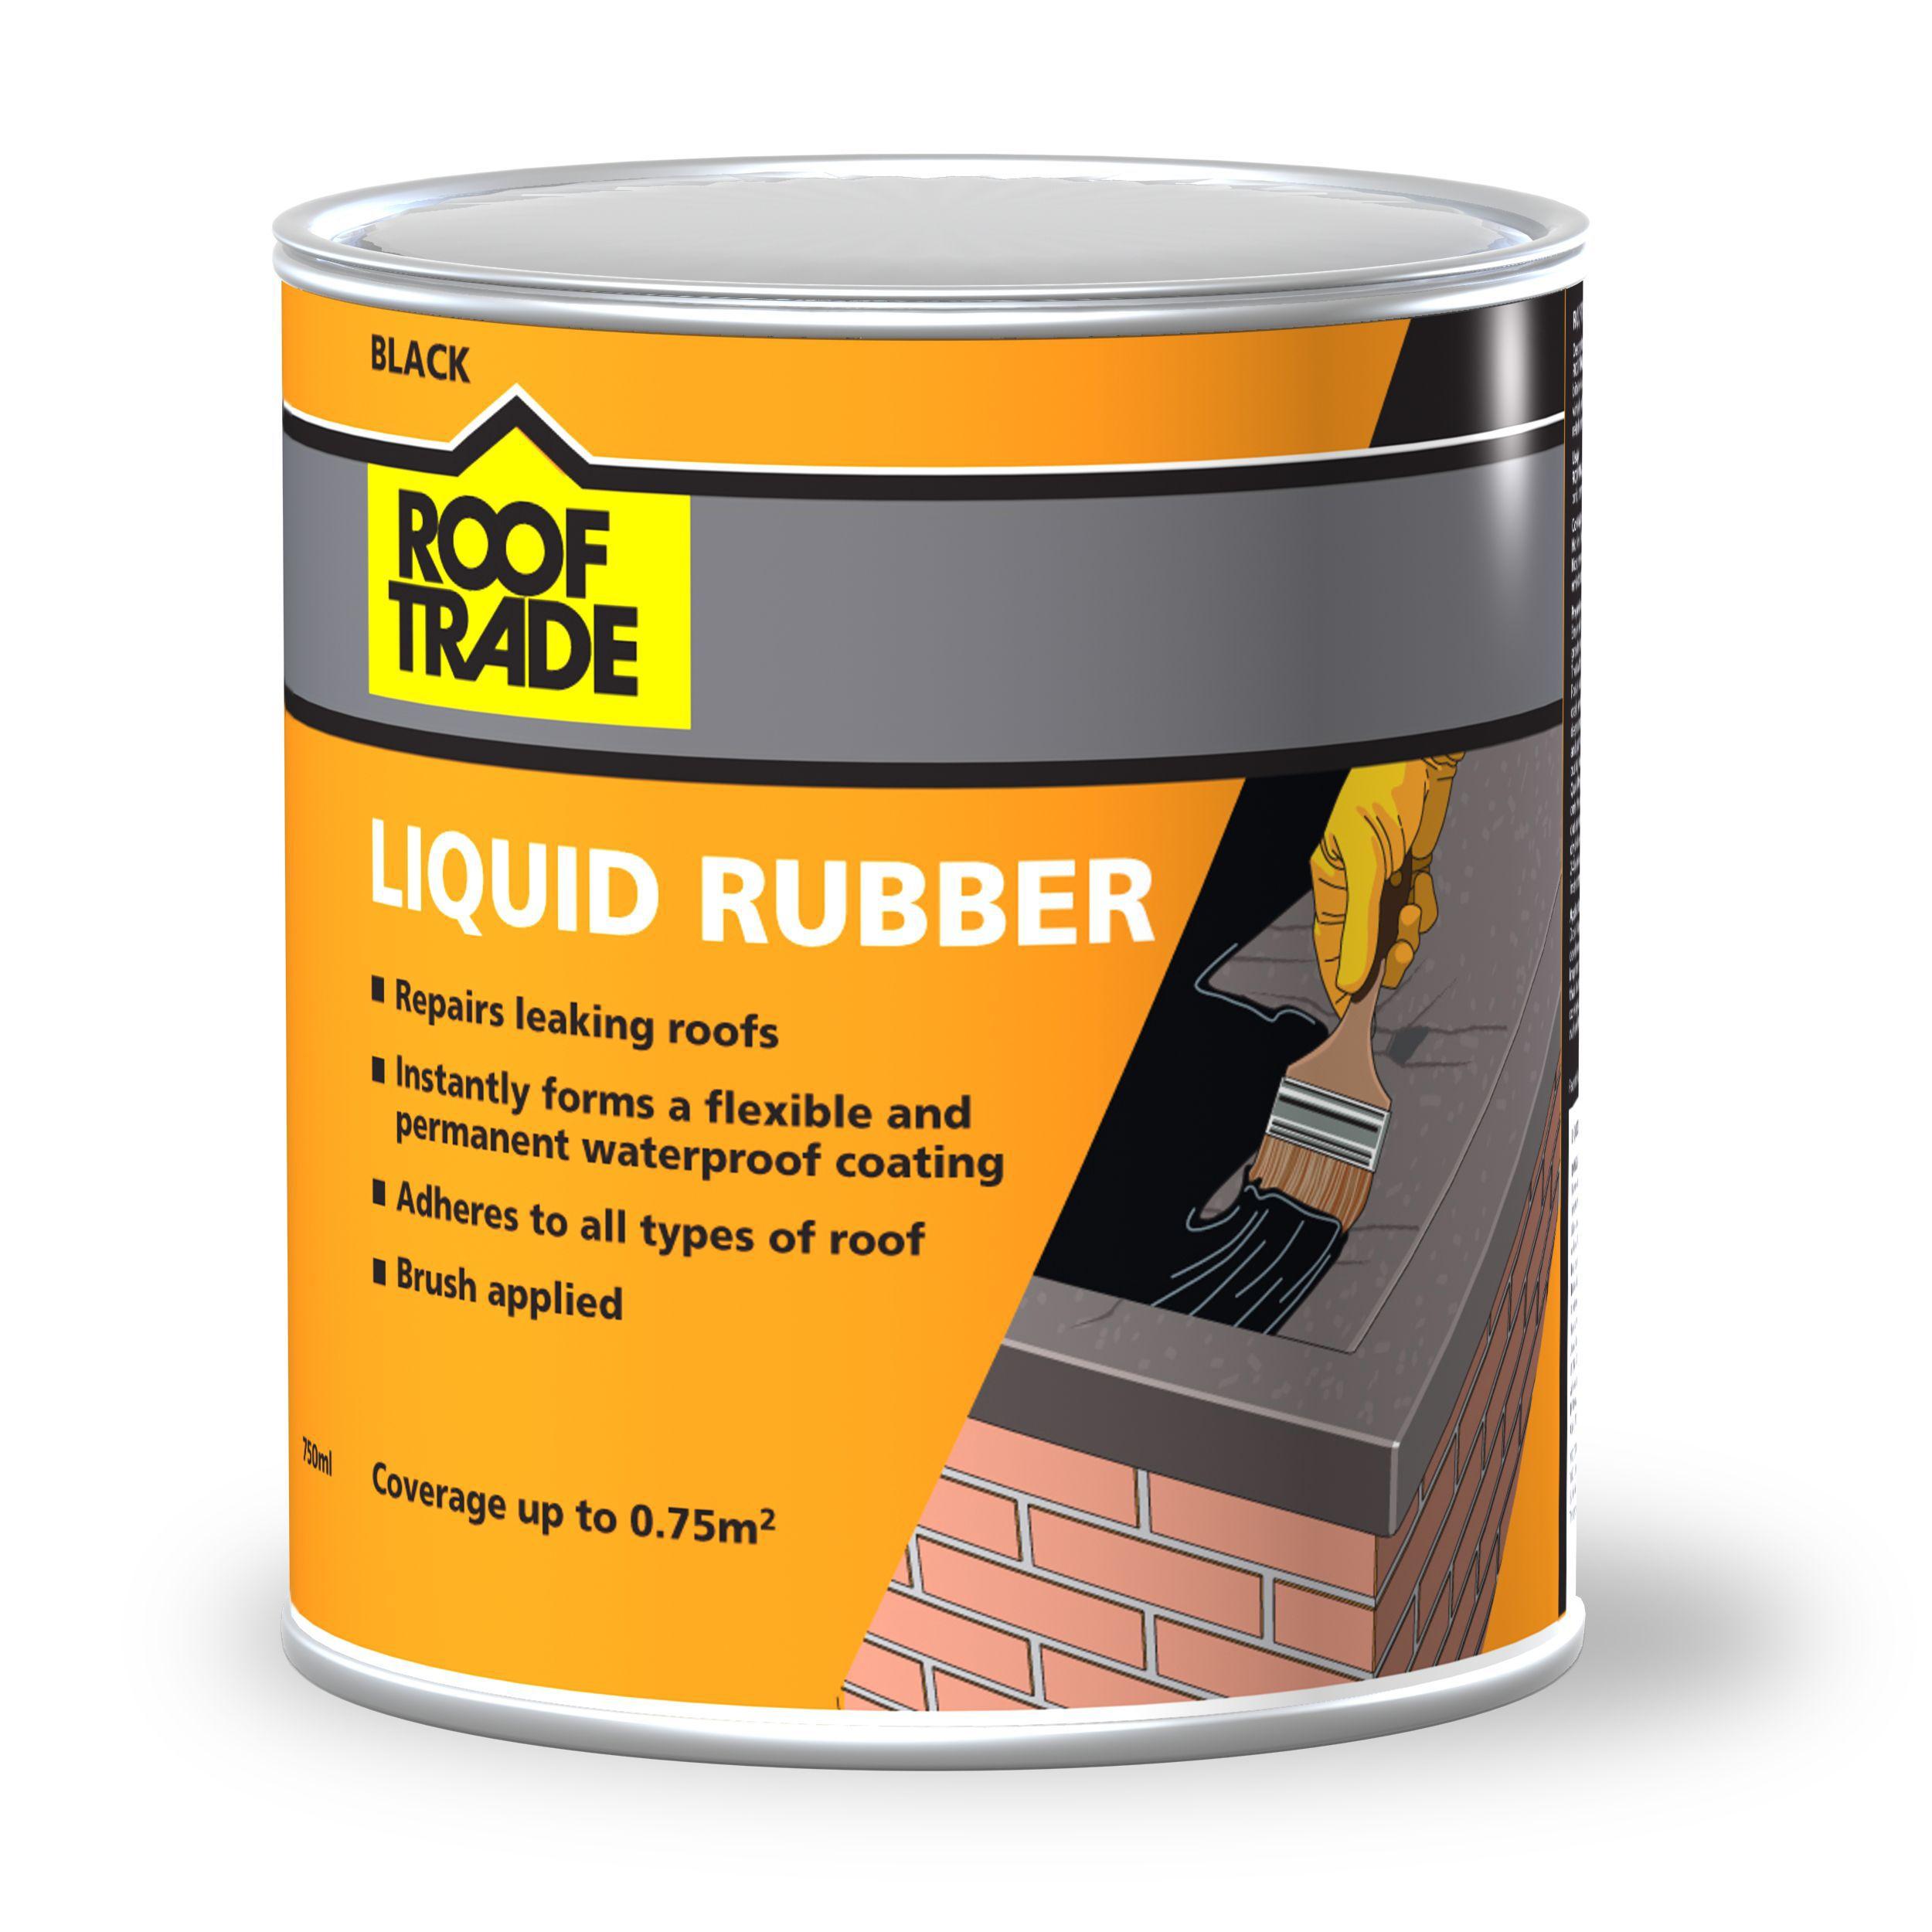 Rooftrade Black Liquid Rubber Roof Sealant 0 75l Departments Diy At B Amp Q